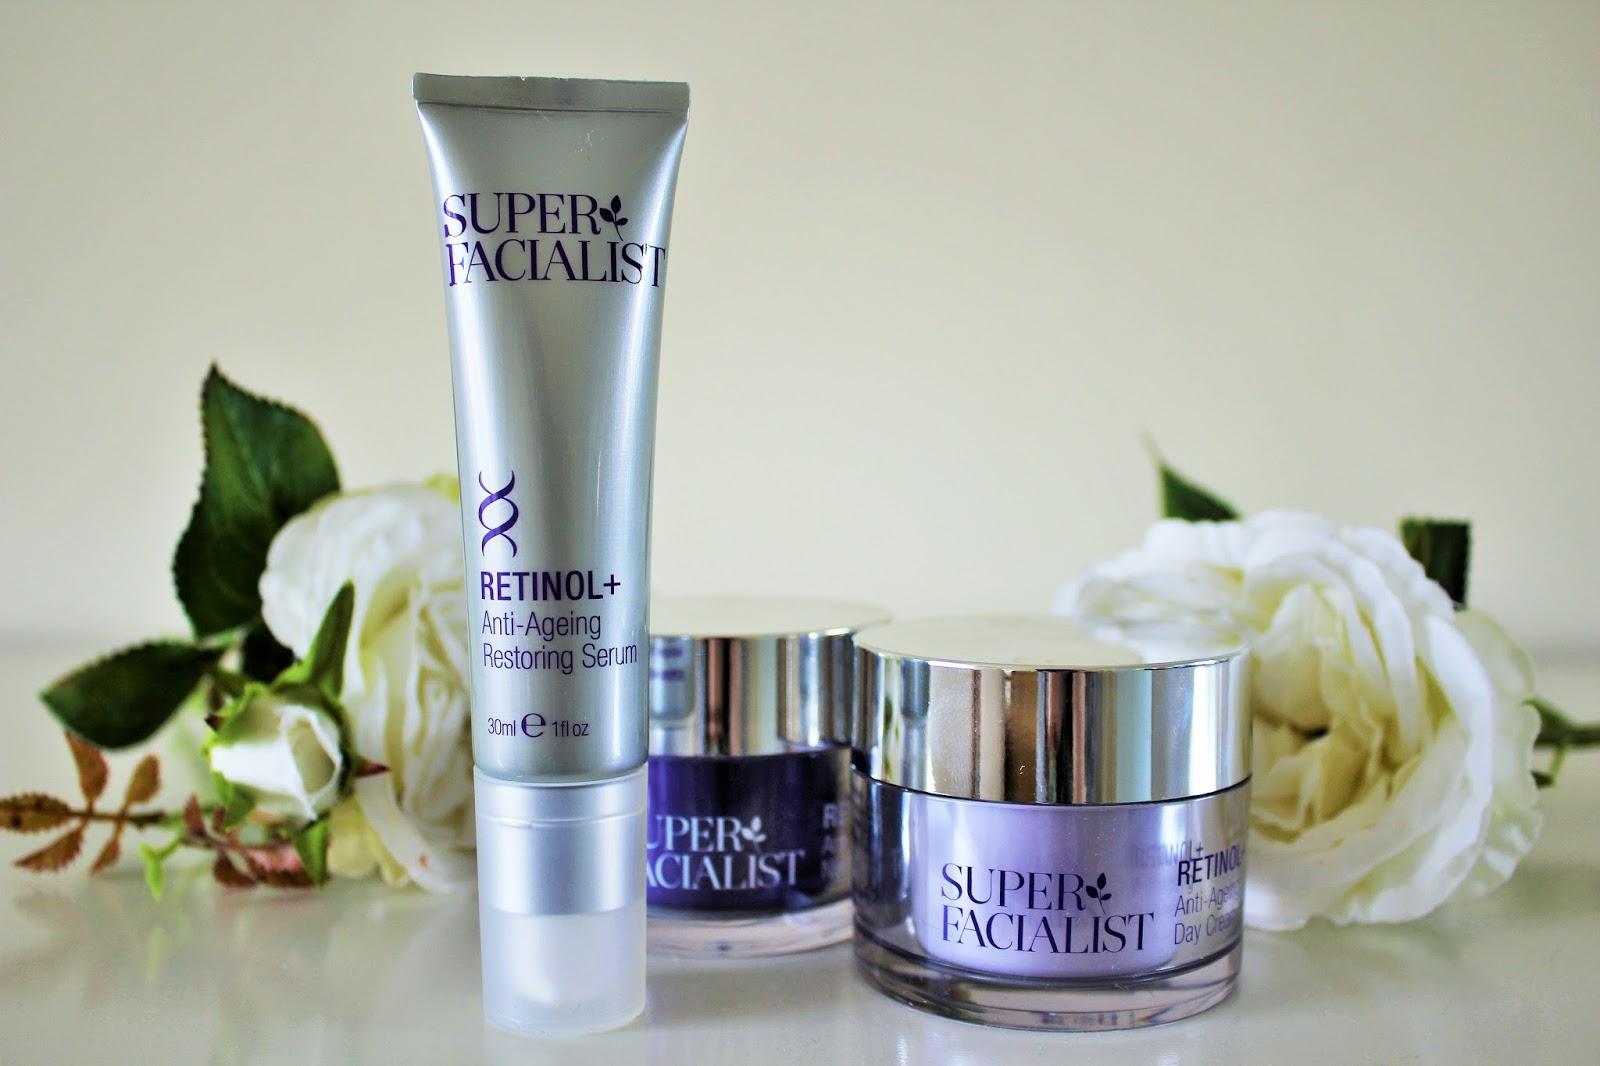 Super Facialist Retinol+ Anti-Ageing Skincare Range - 1